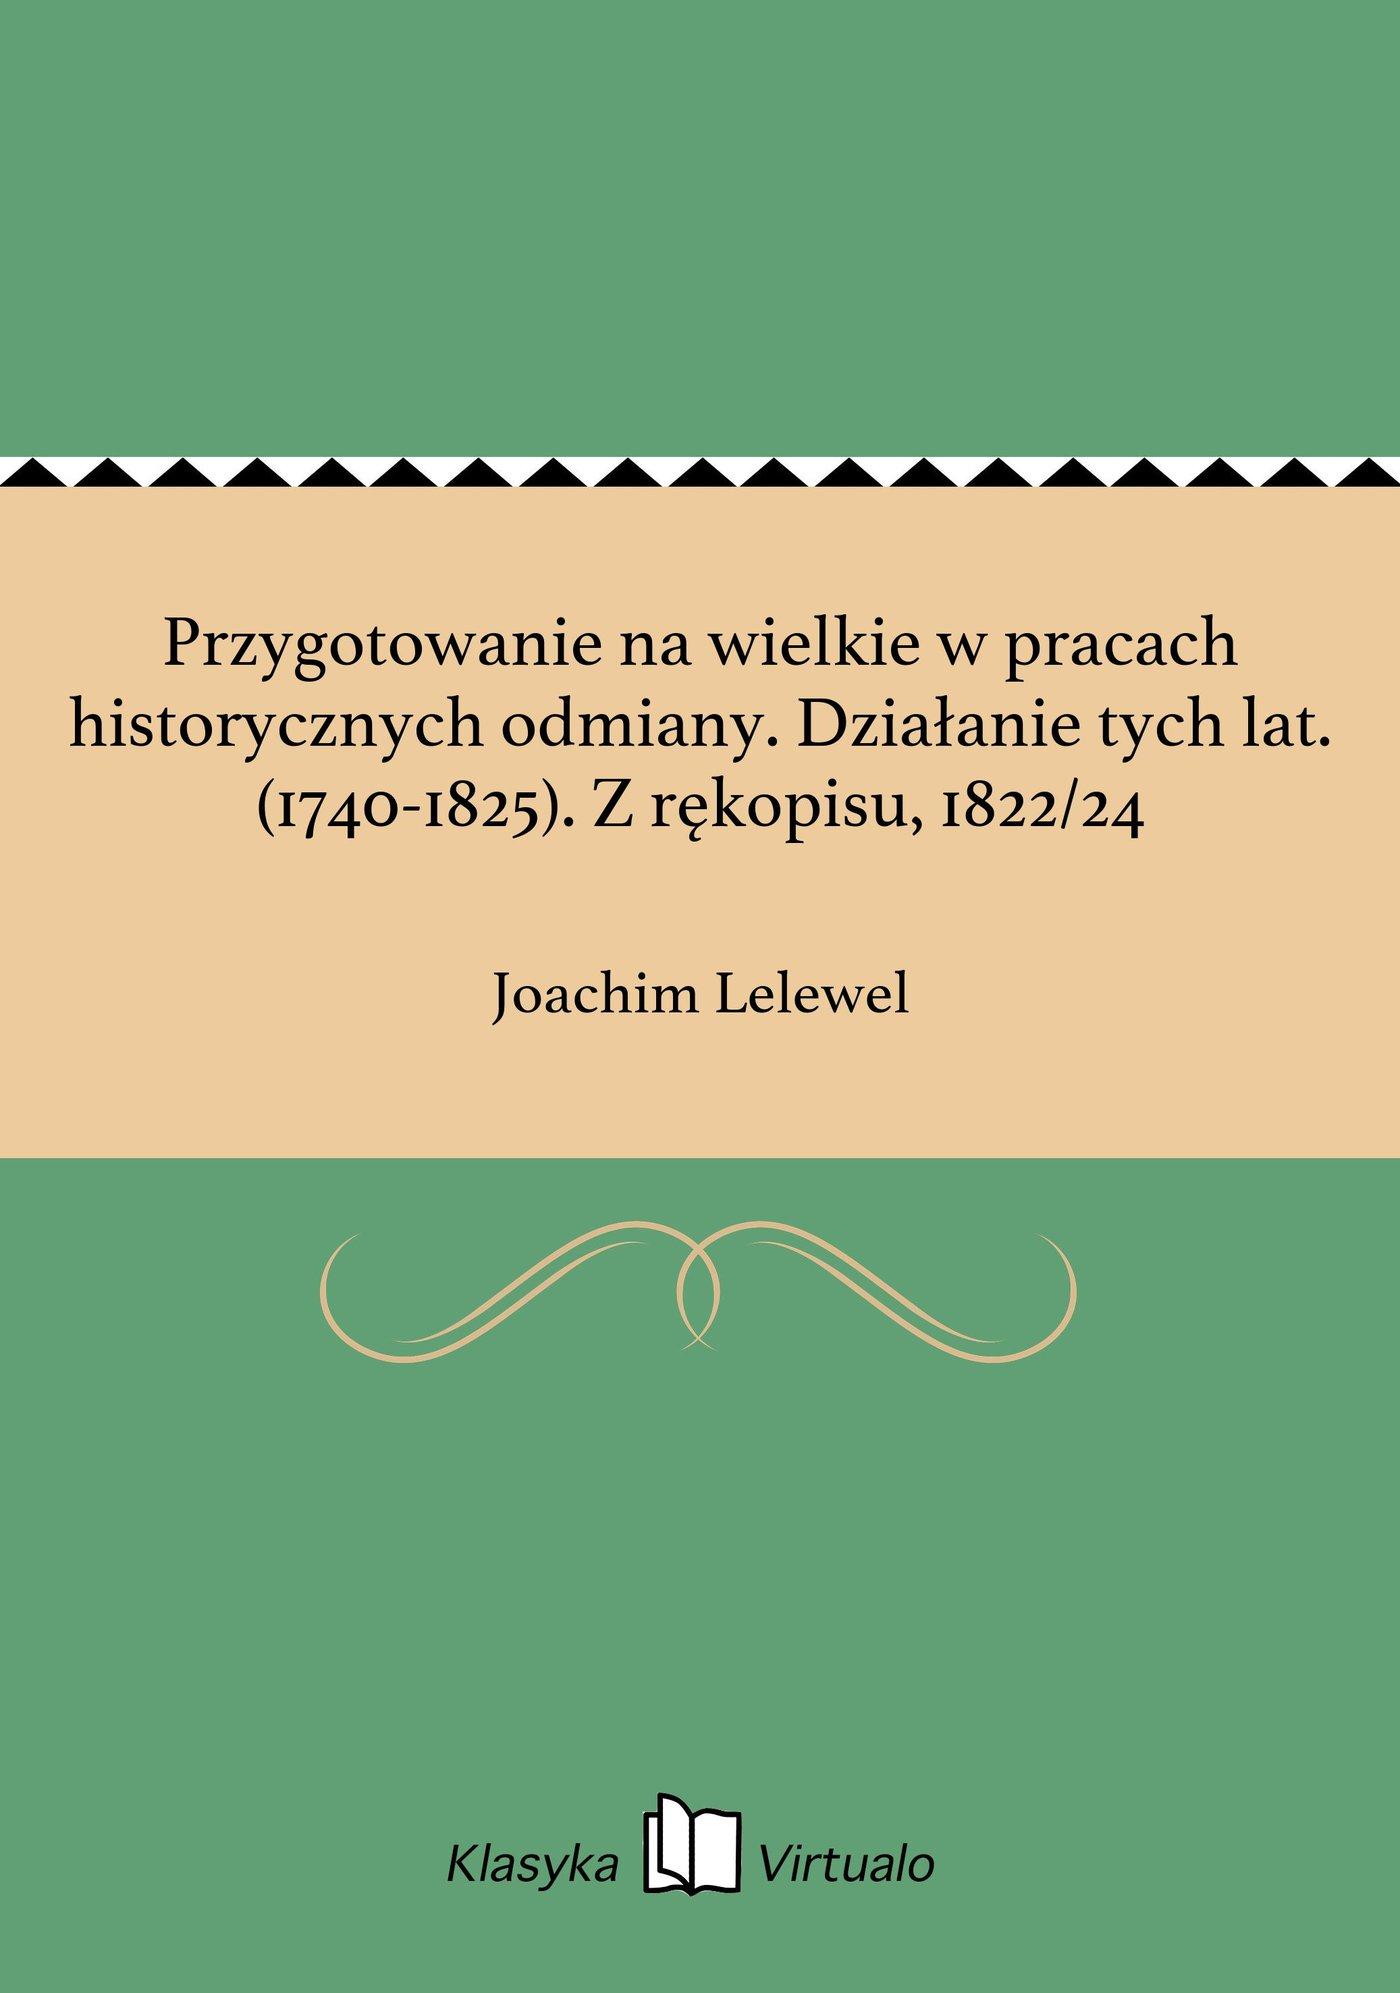 Przygotowanie na wielkie w pracach historycznych odmiany. Działanie tych lat. (1740-1825). Z rękopisu, 1822/24 - Ebook (Książka EPUB) do pobrania w formacie EPUB